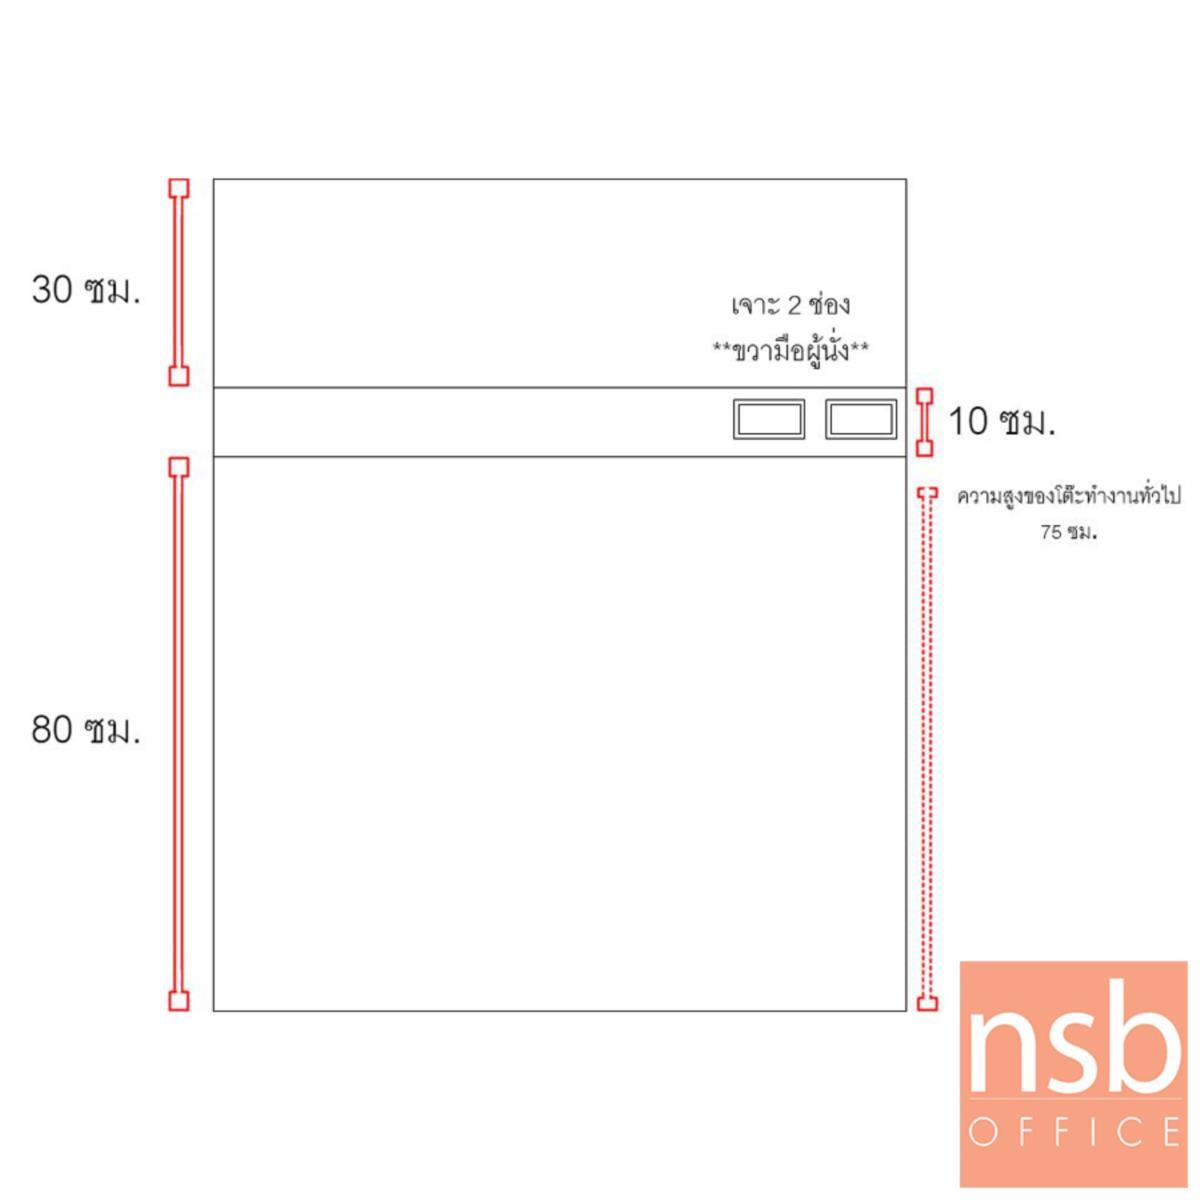 พาร์ทิชั่น NSB ครึ่งกระจกใสแบบมีรางไฟตรงกลาง สูง 120 ซม. พร้อมเสาเริ่ม